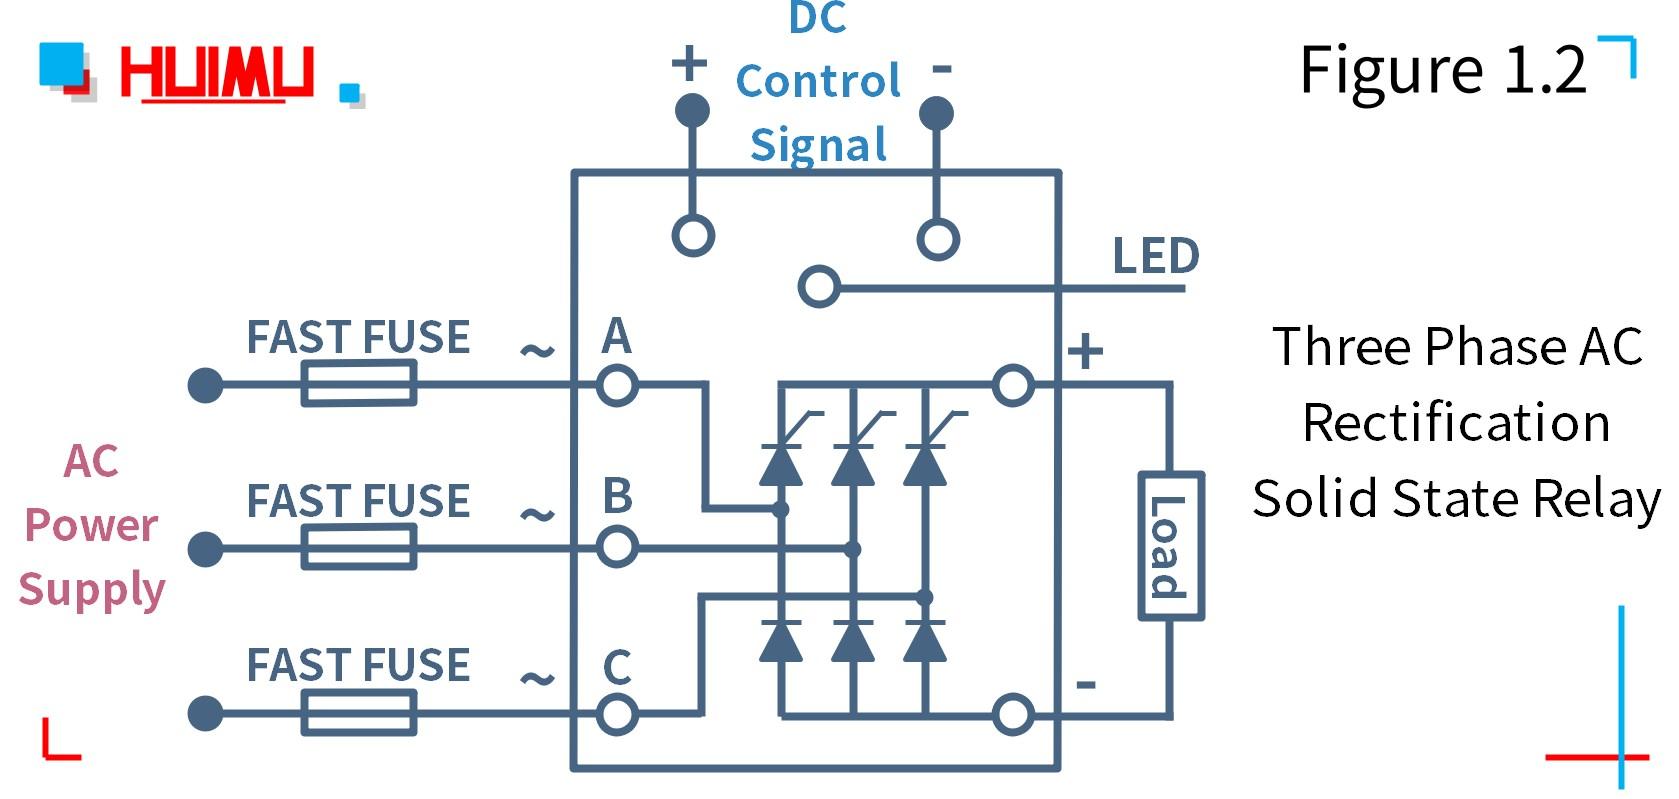 Rectifier Wiring Diagram from www.huimultd.com